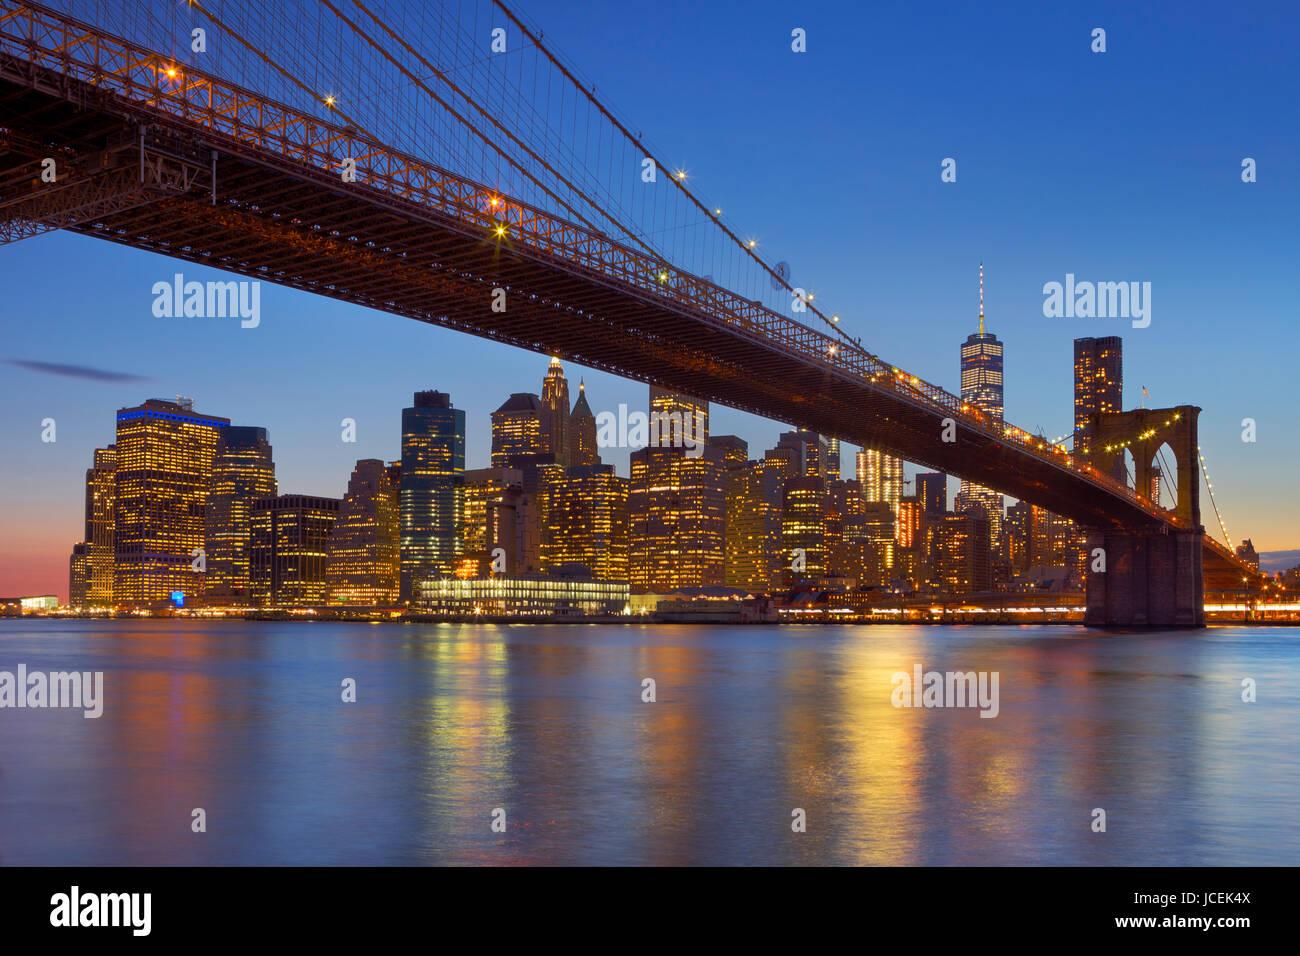 Brooklyn Bridge mit der New Yorker Skyline im Hintergrund, in der Dämmerung fotografiert. Stockbild